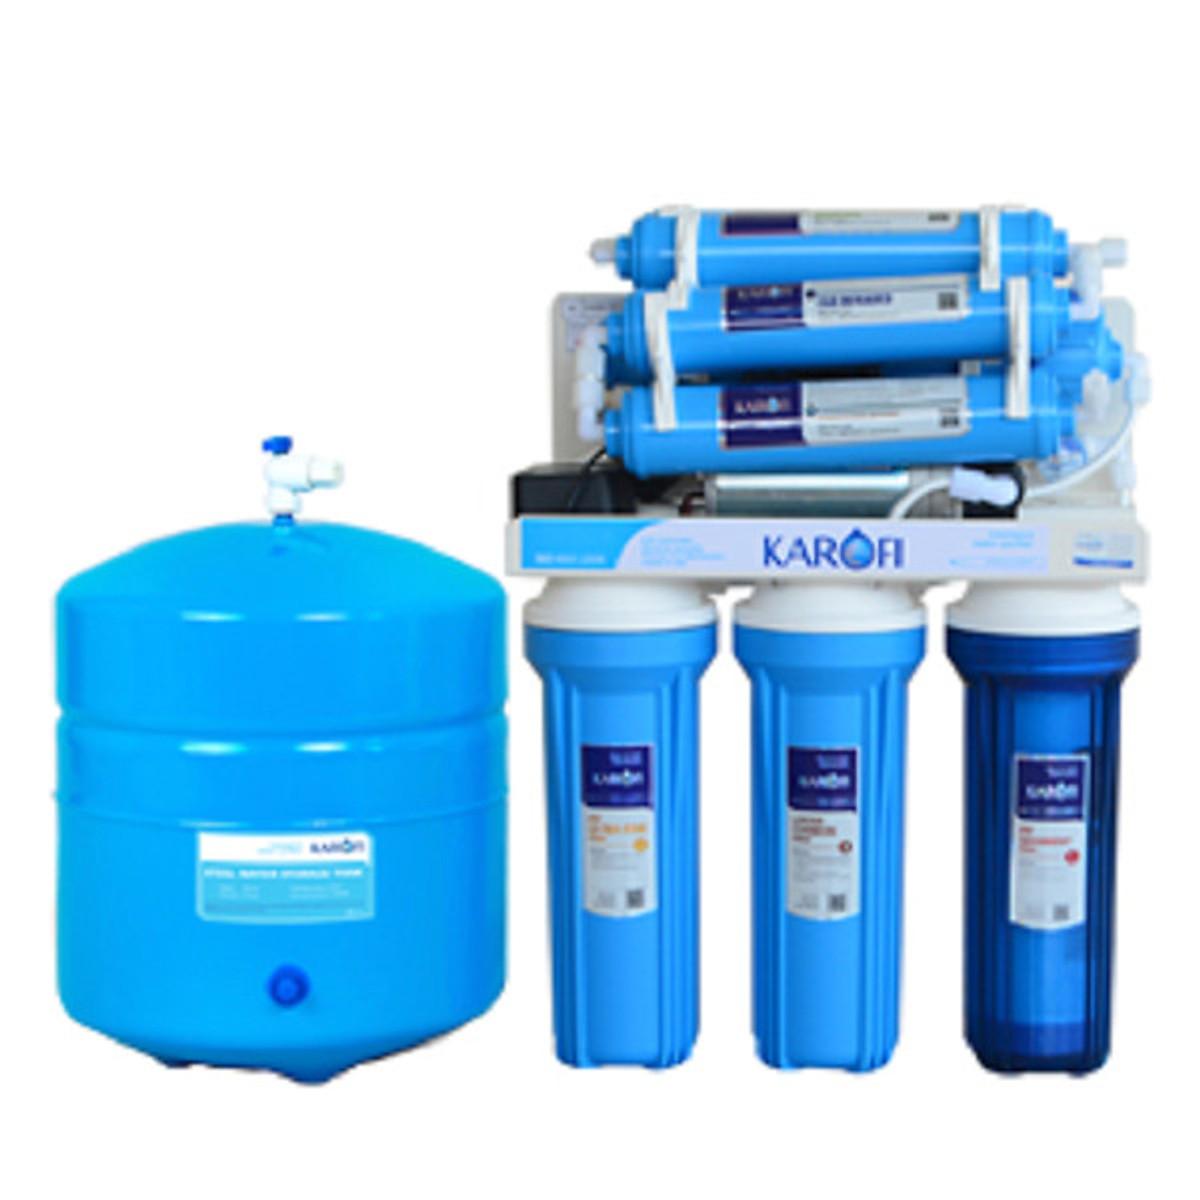 Đánh giá Máy Lọc Nước RO Karofi KT-ERO80 (8 Cấp Lọc)